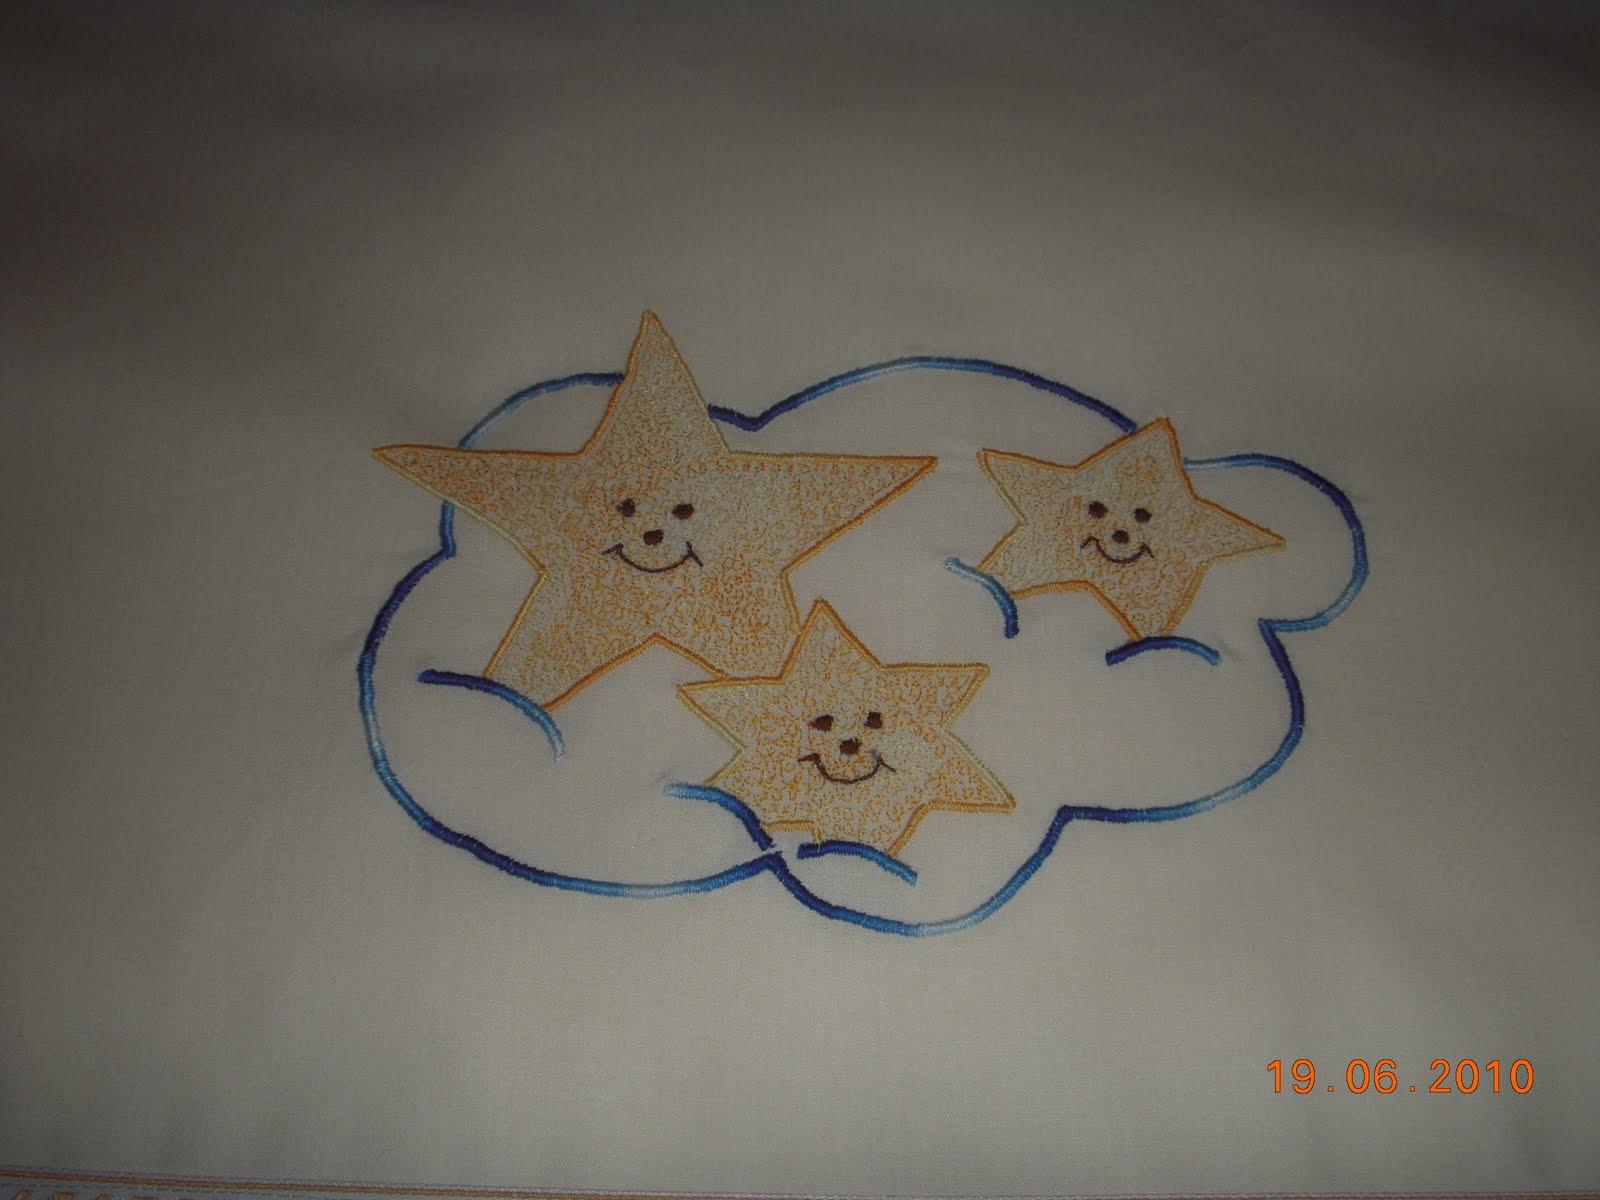 Mis trabajos nieves moreno bordados en sabanas infantiles - Sabanas para ninos ...